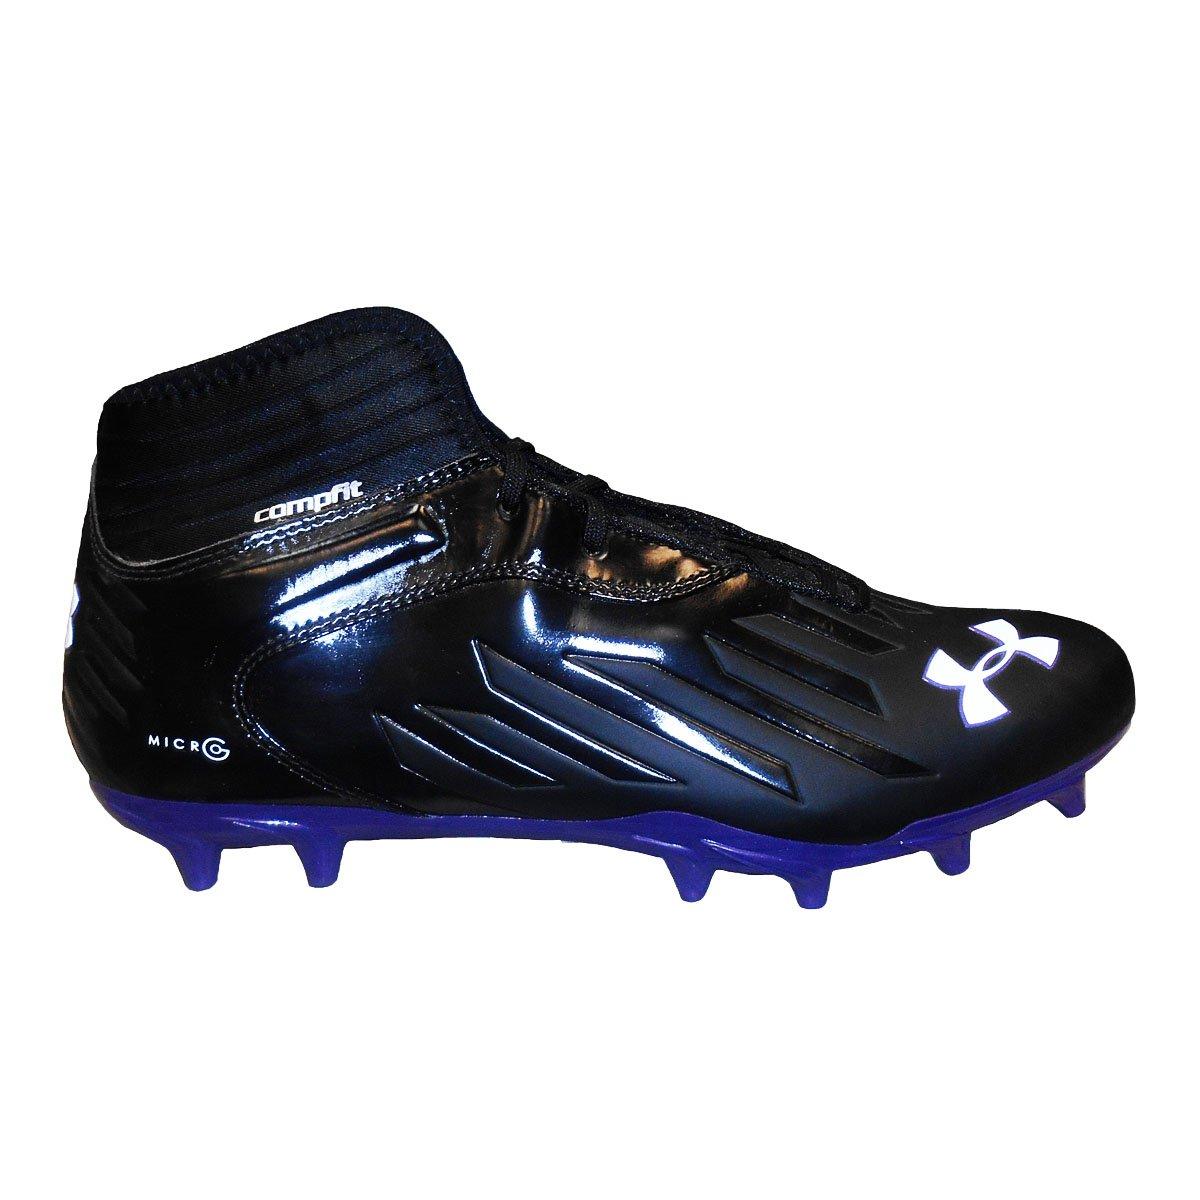 Under Armour Team Nitro IV Mid MC Compfit Football Cleats Black/Purple)